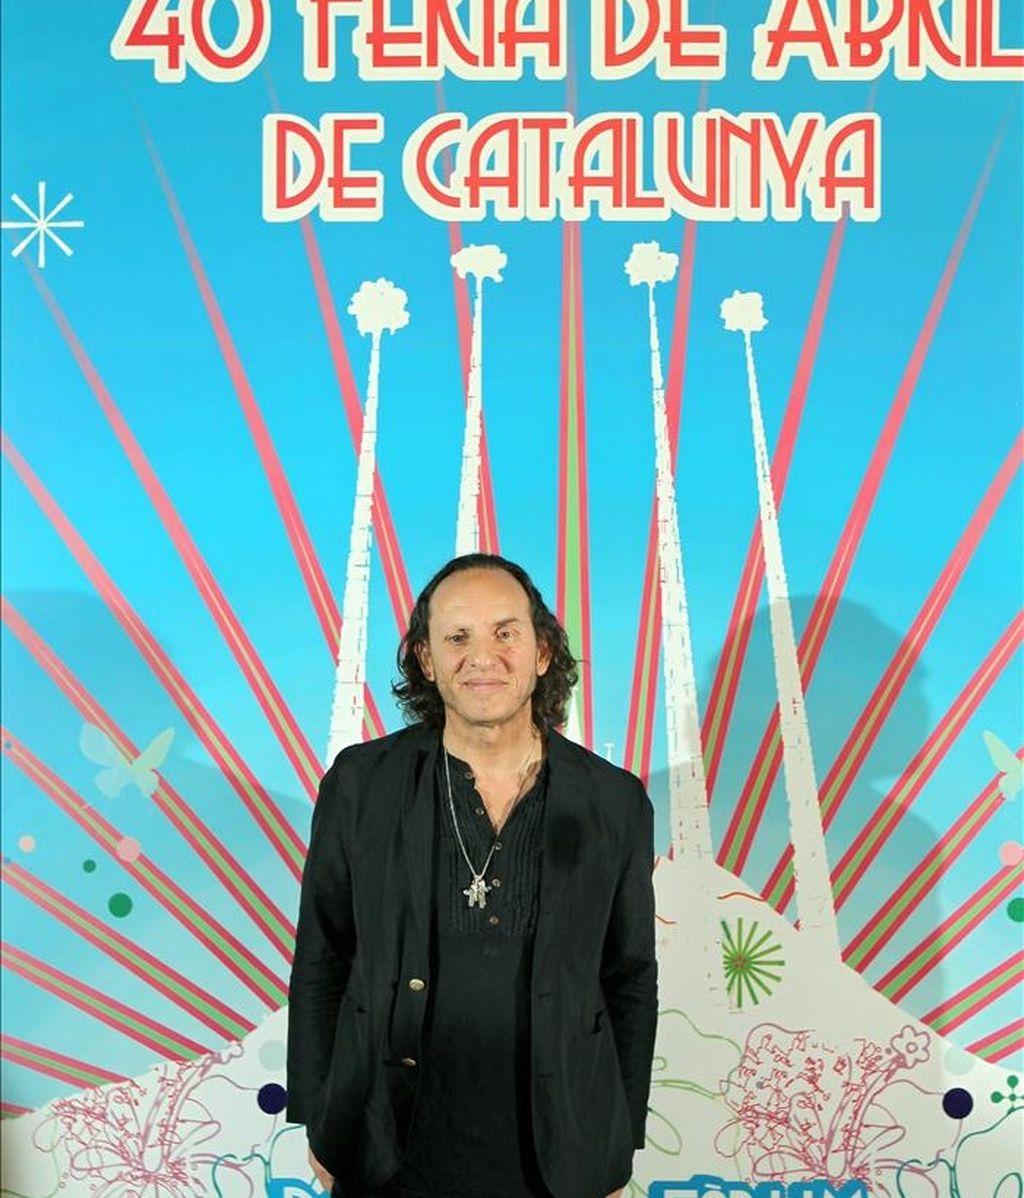 El diseñador de moda, Custo Dalmau, posa ante el cartel que ha diseñado para la Feria de Abril de Cataluña de este año, que tendrá lugar del 29 de abril al 8 de mayo en la explanada del Forum de Barcelona. EFE